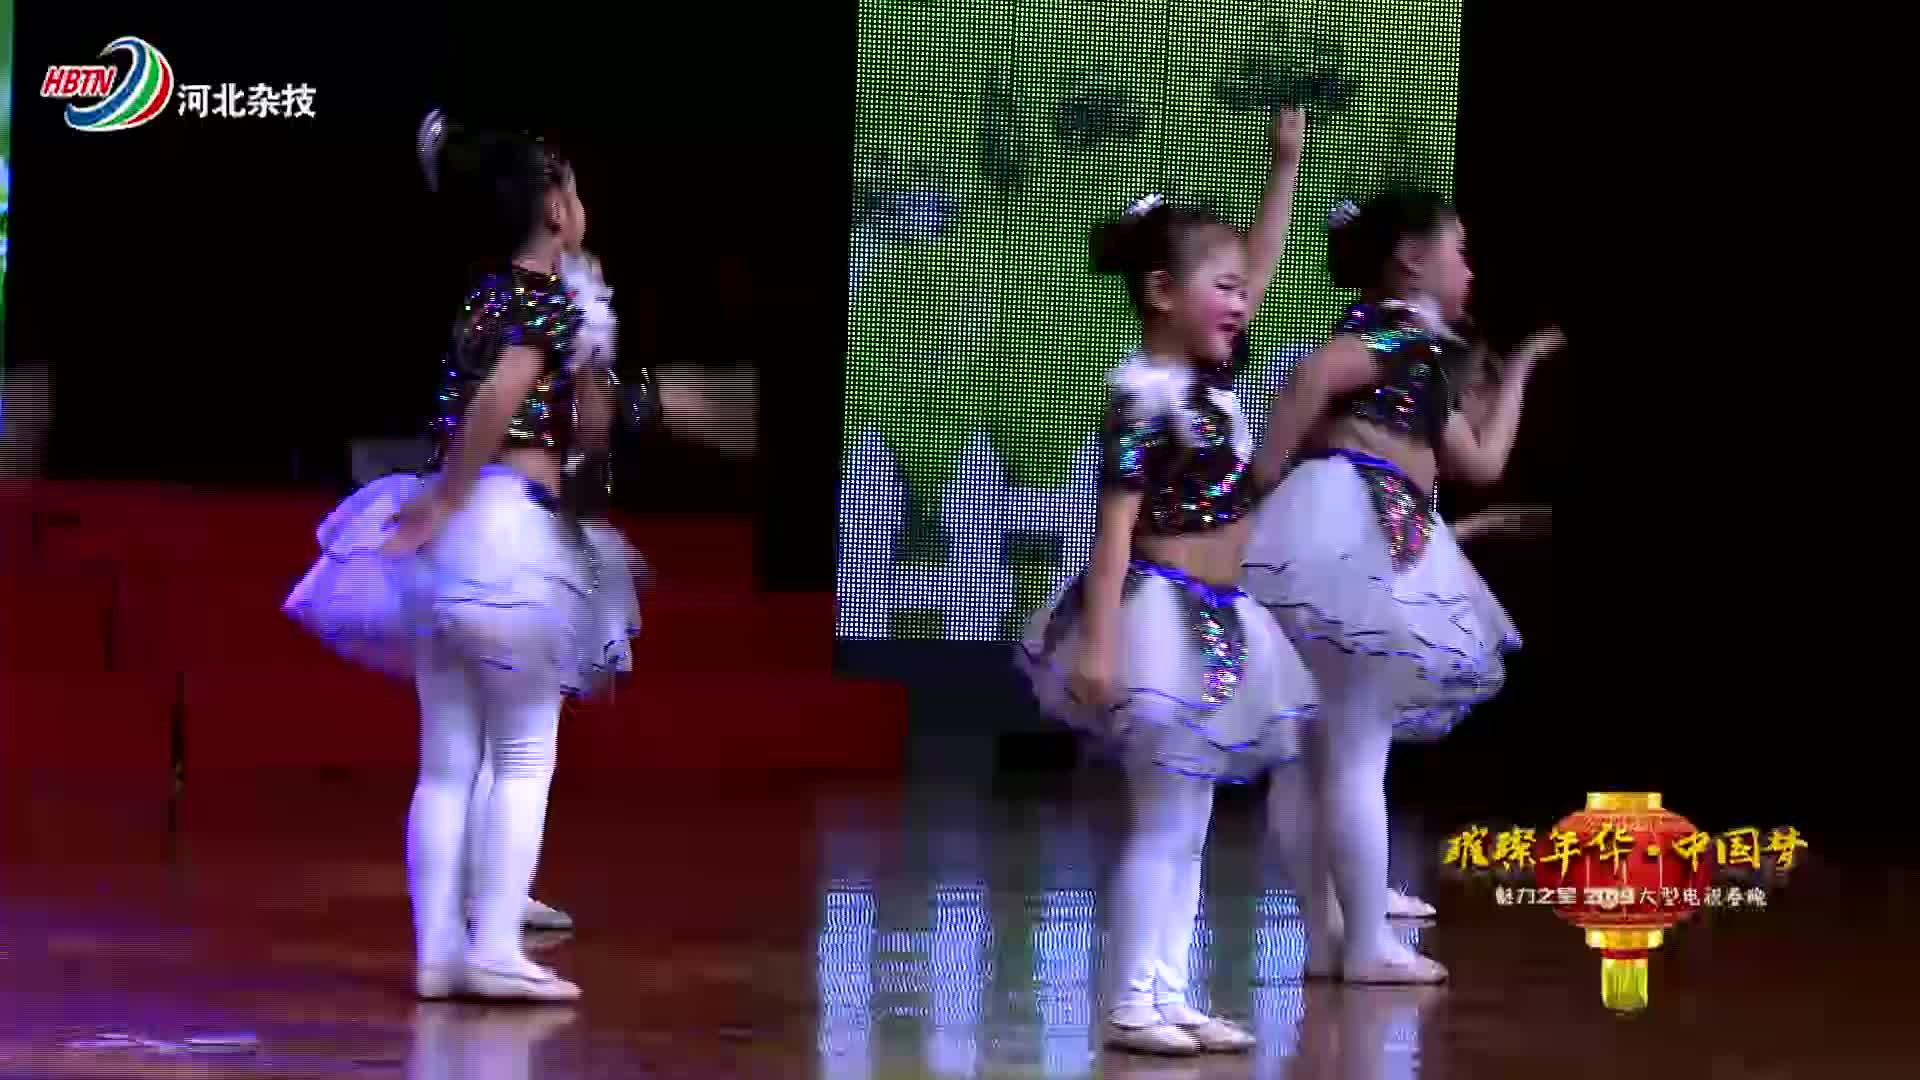 可爱的表演,小朋友们活泼可爱,让我觉得好惊喜啊